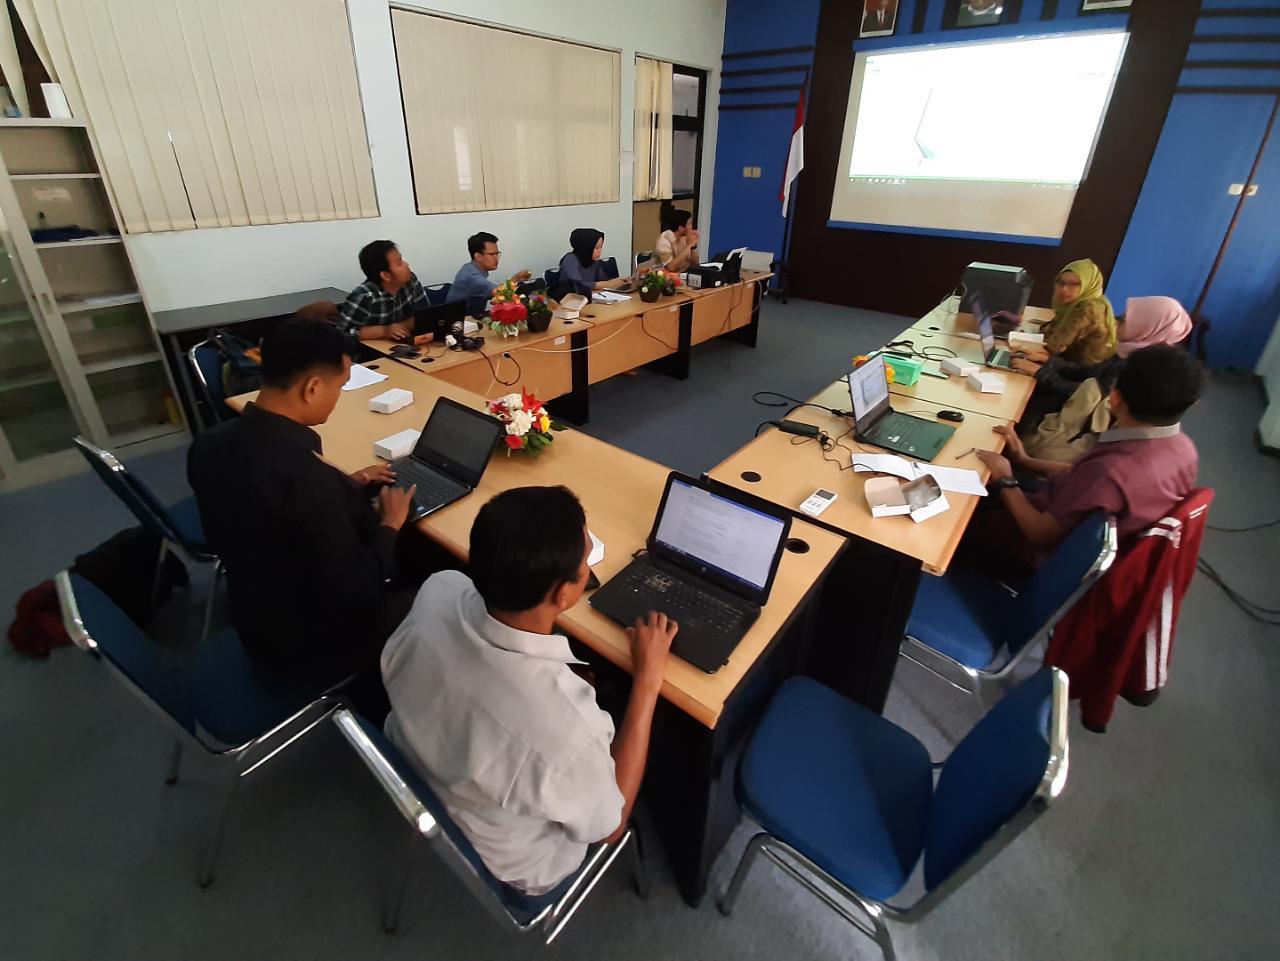 Dewan Dosen Jurusan Teknik Industri gelar evaluasi kurikulum 2015